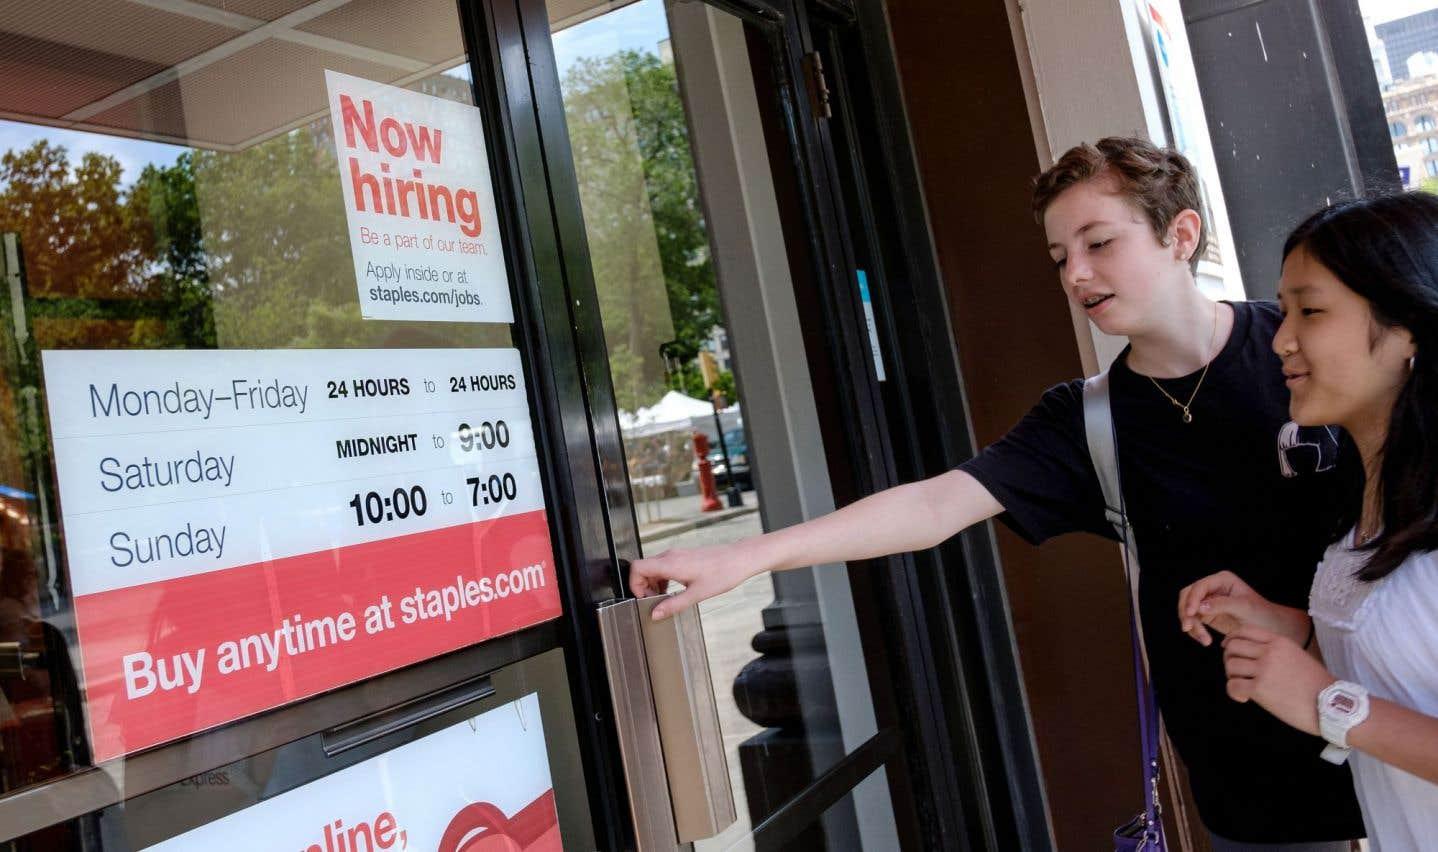 La création d'emplois et le chômage en baisse